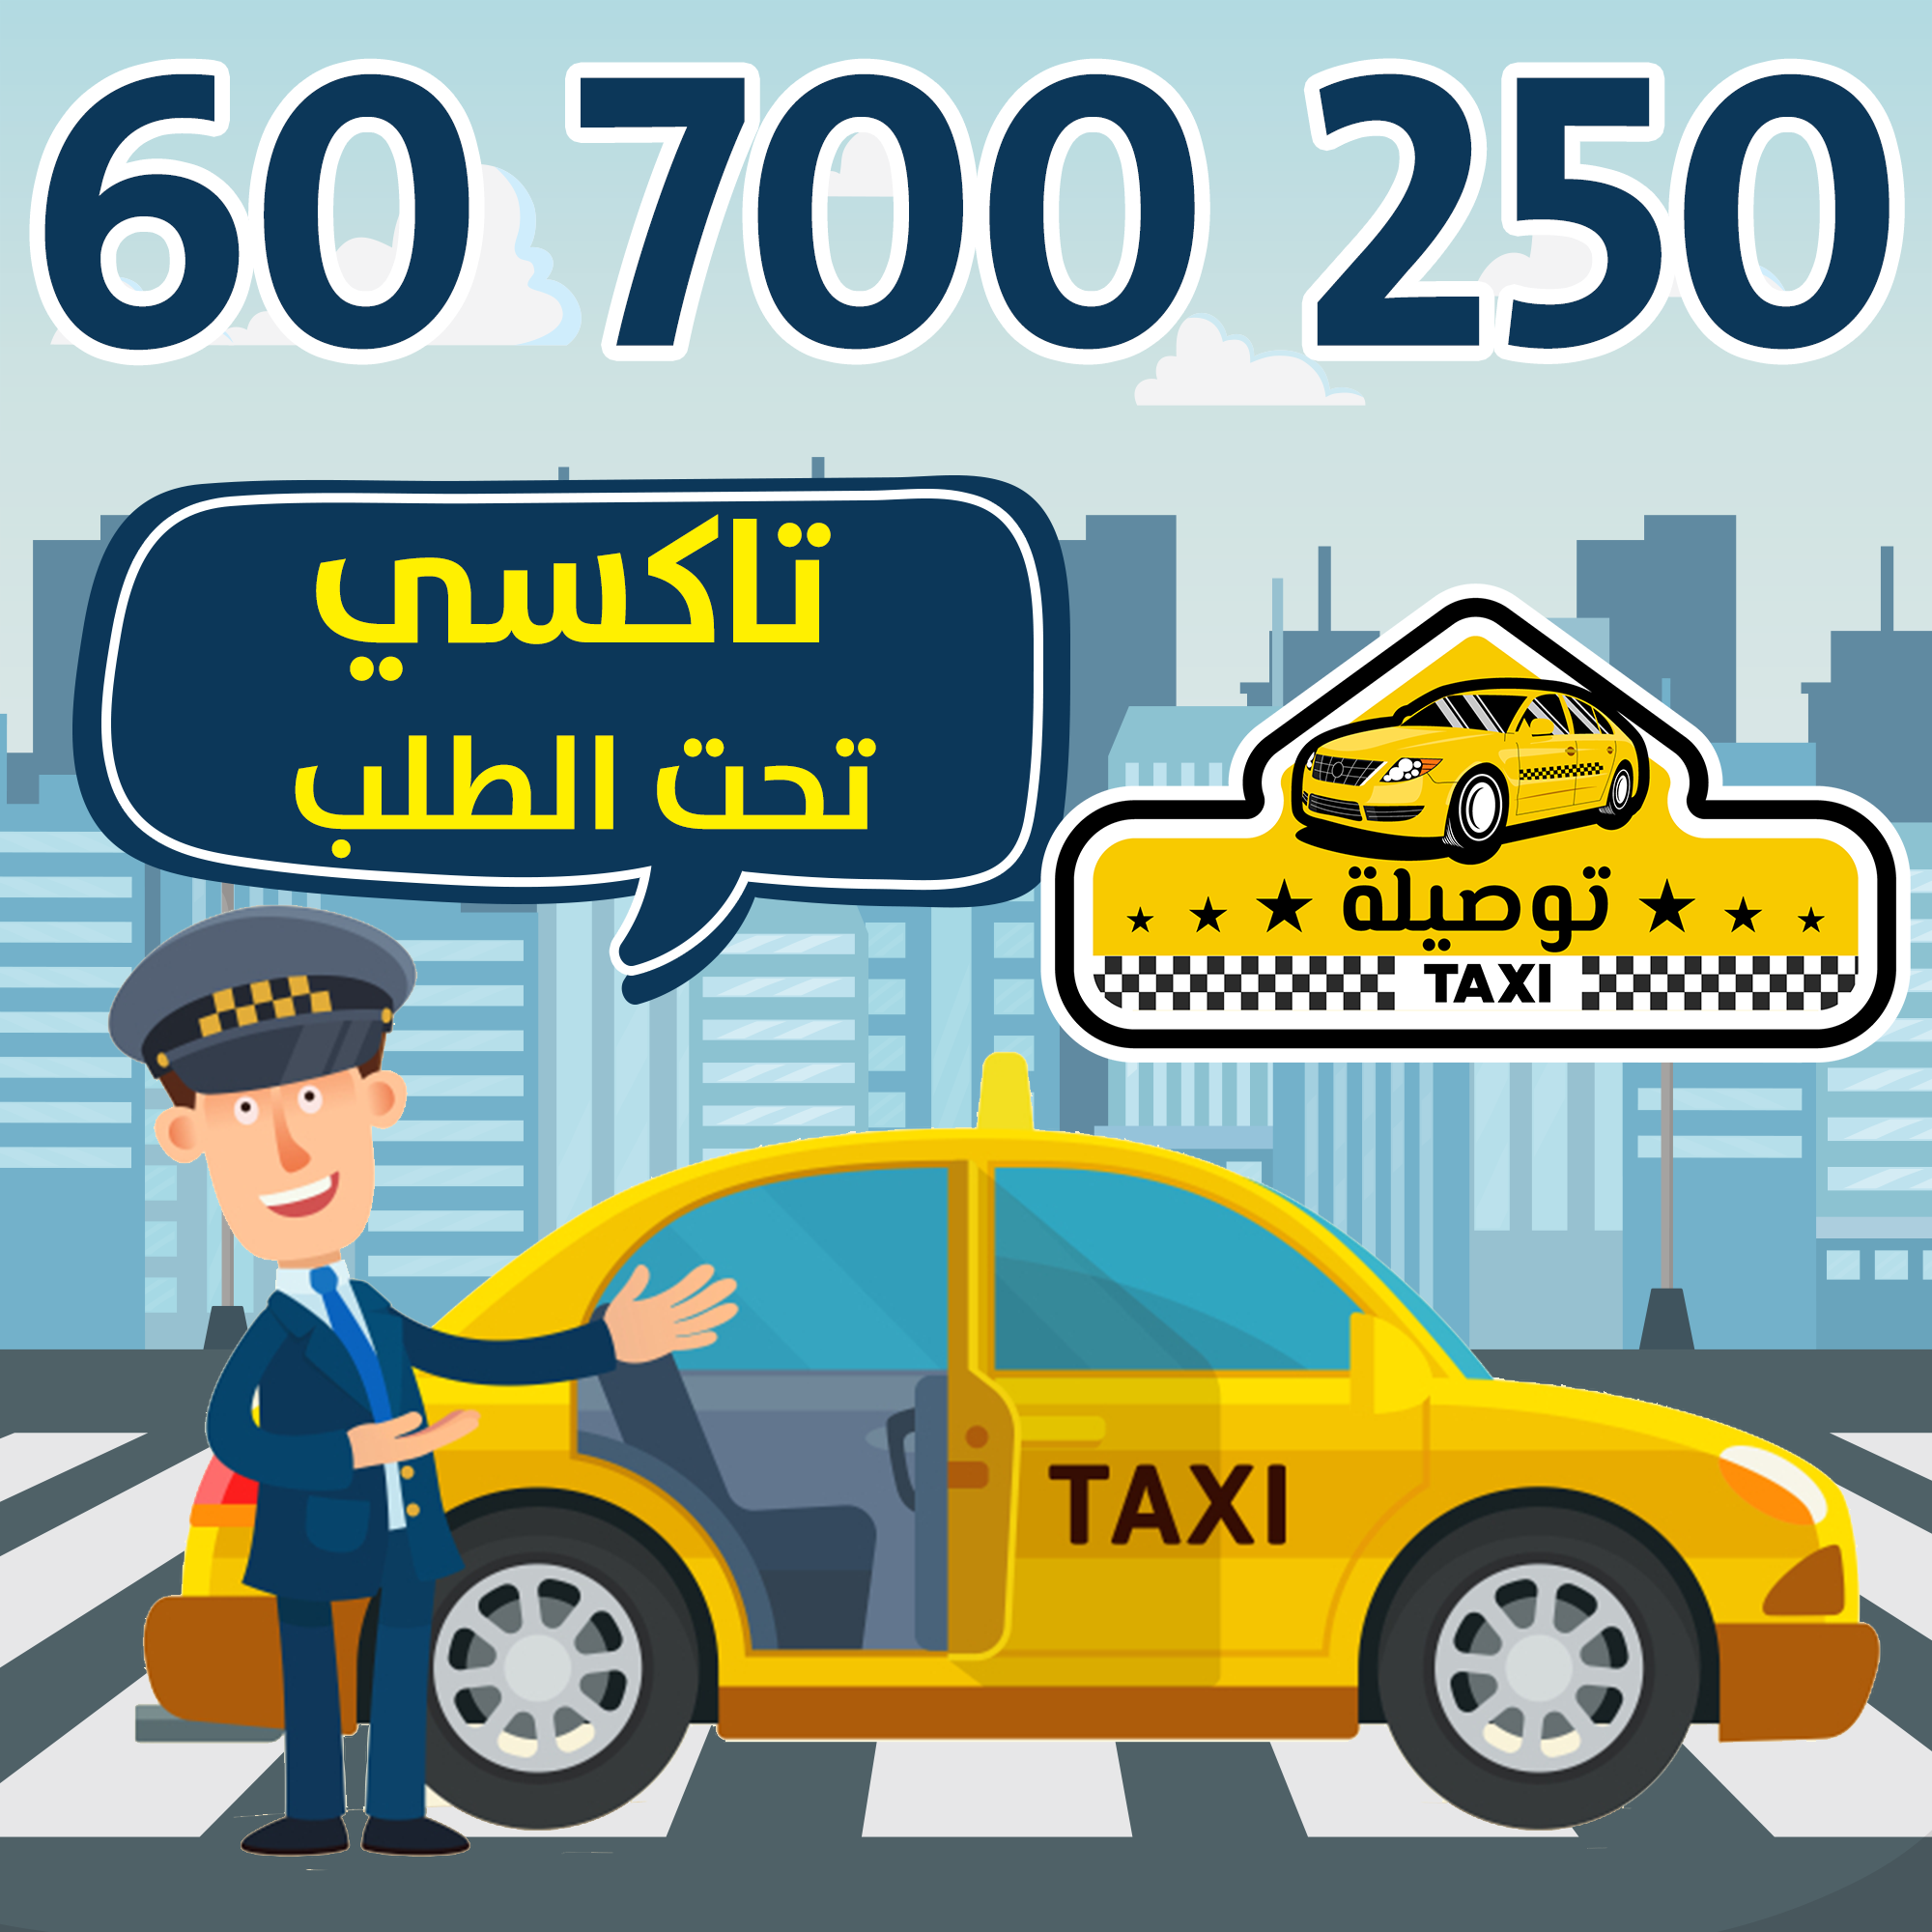 تاكسي توصيلة في شارع محمد رفيع